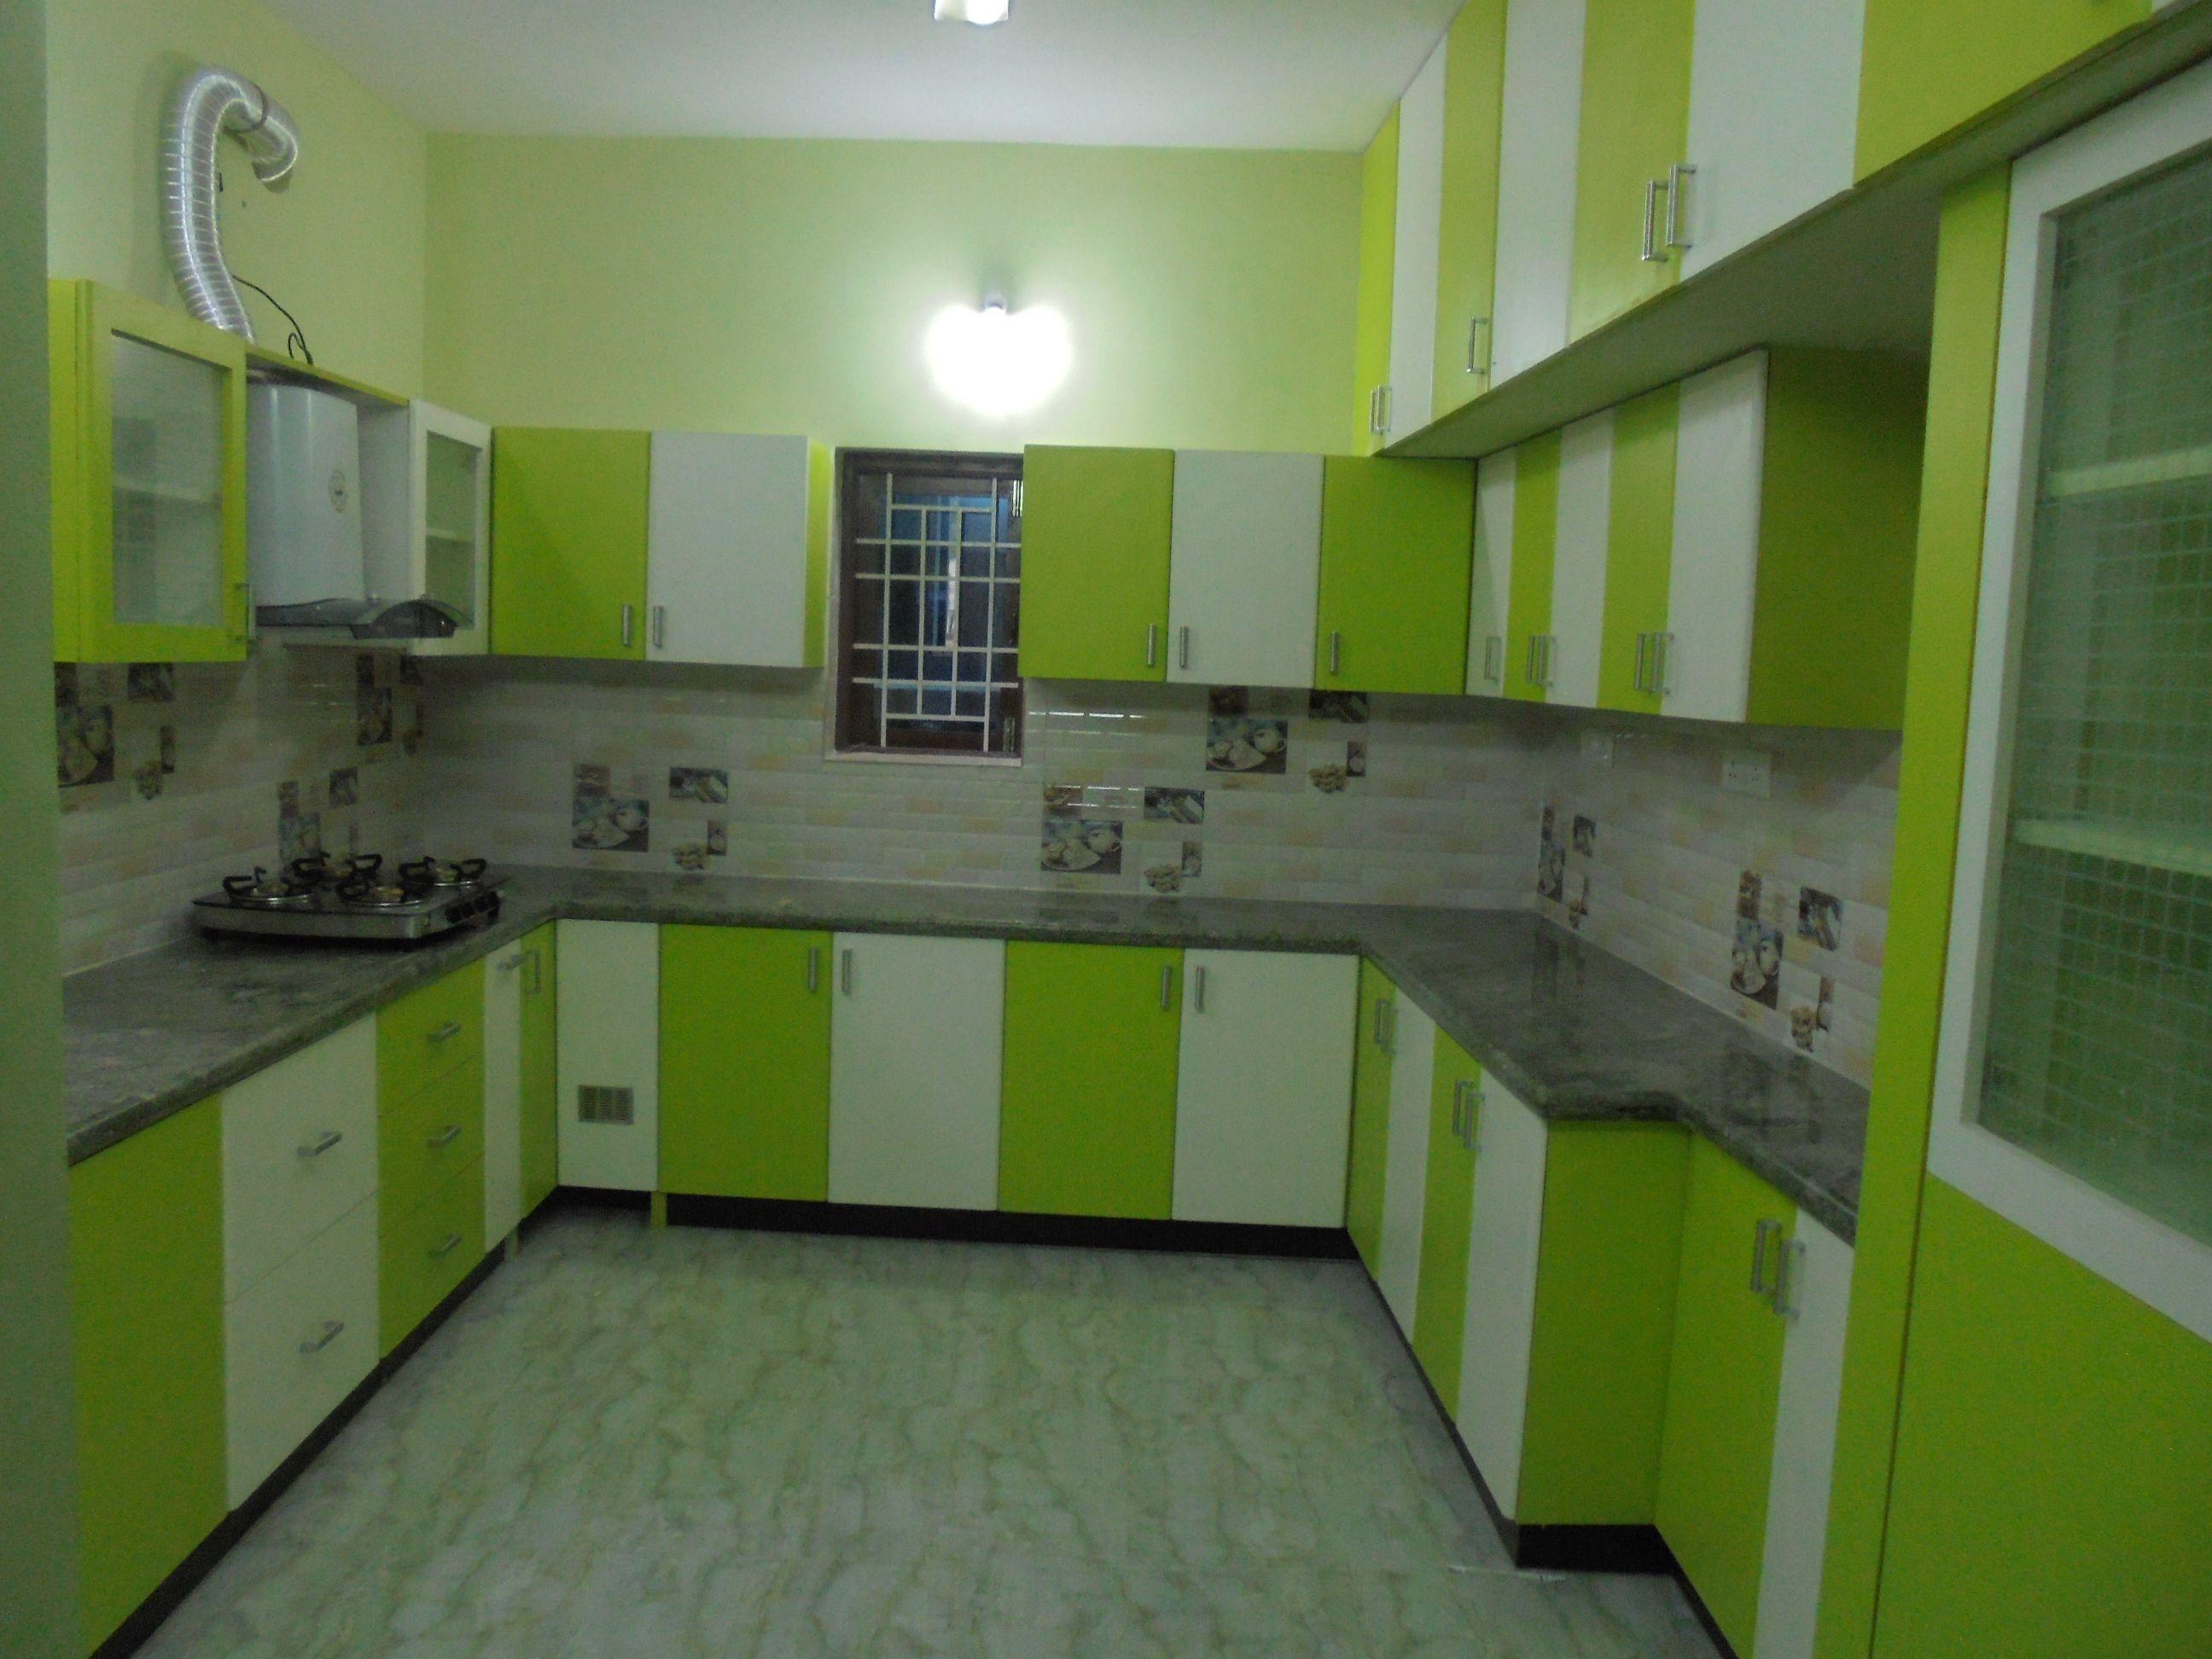 Asombroso Cocinas Modulares En La India De Pune Festooning - Ideas ...